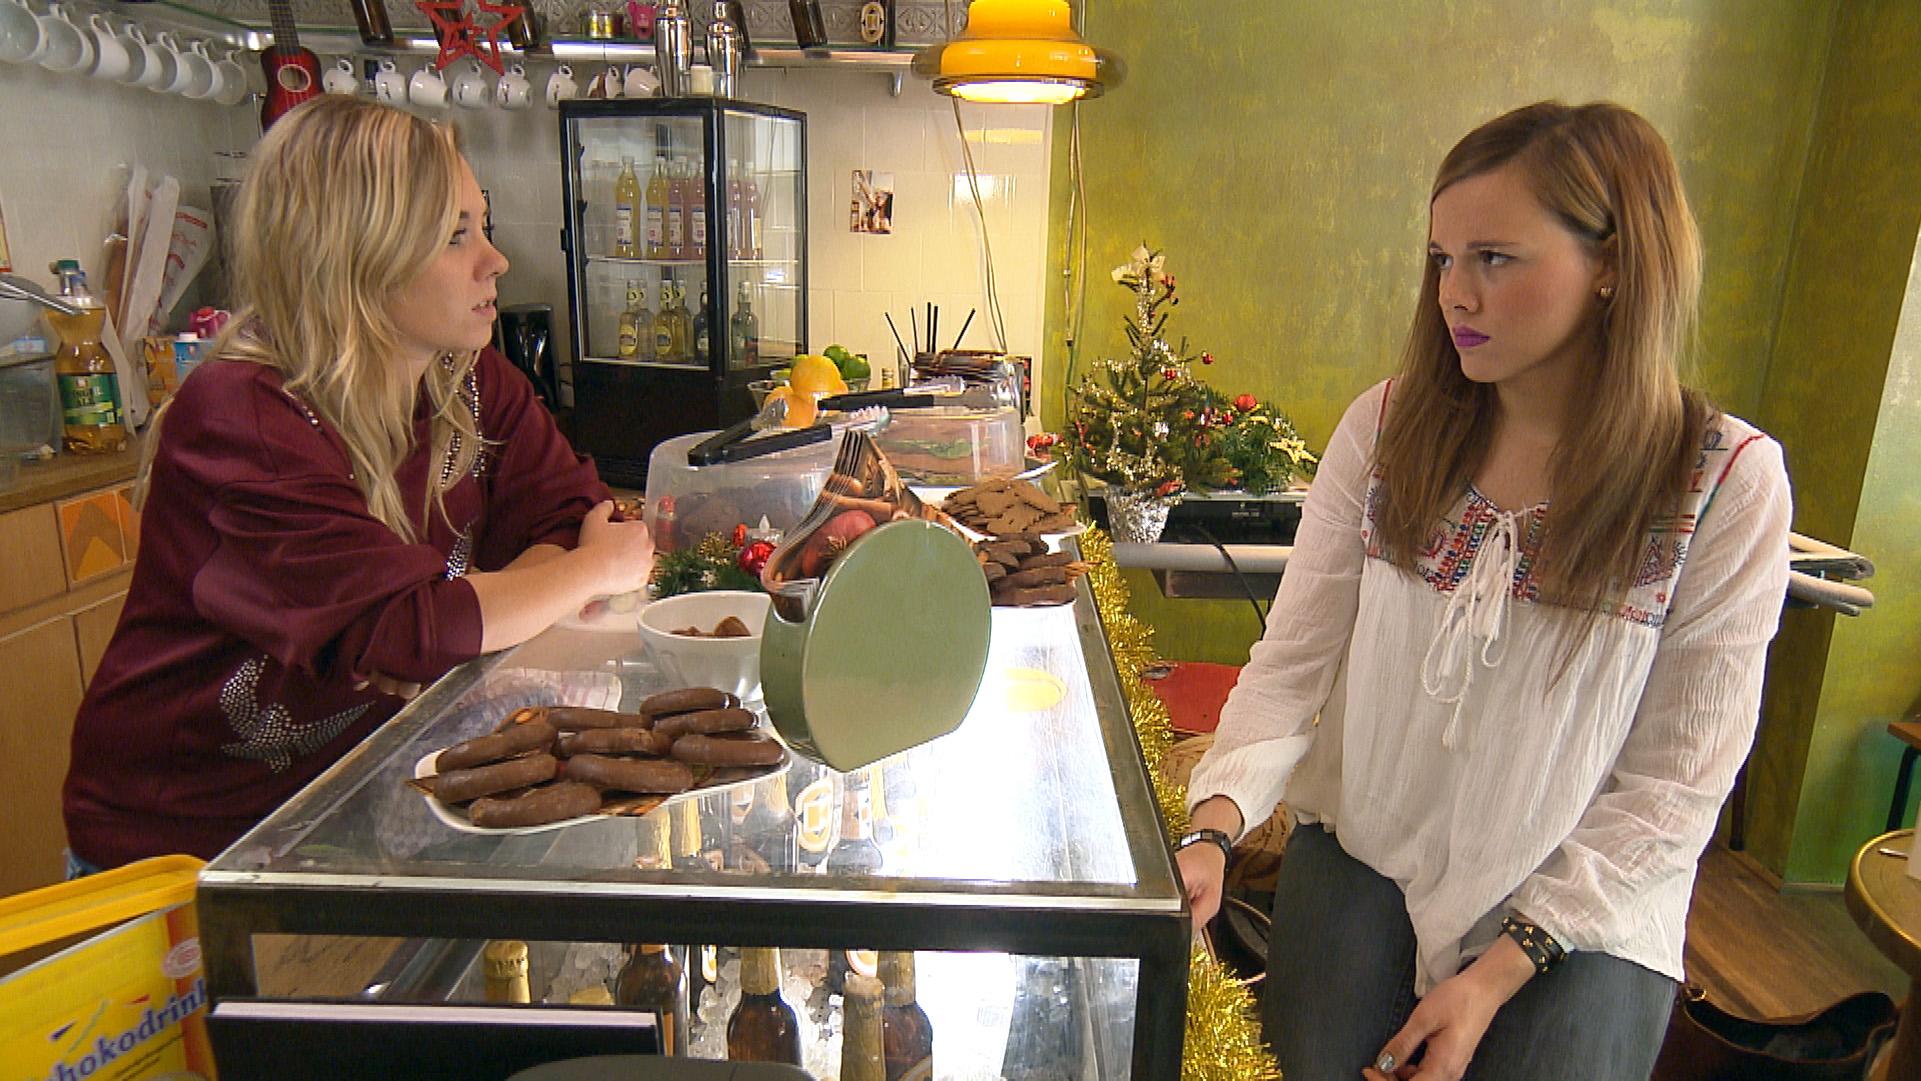 Anna (re.) realisiert, dass sie bei Chris und ihren Freunden keinen guten Stand hat und ihr schlechtes Gewissen macht ihr zu schaffen. Traurig stellt sie sich die Frage, was sie in Köln noch hält. (Foto, li.: Chantal) (Quelle: RTL 2)